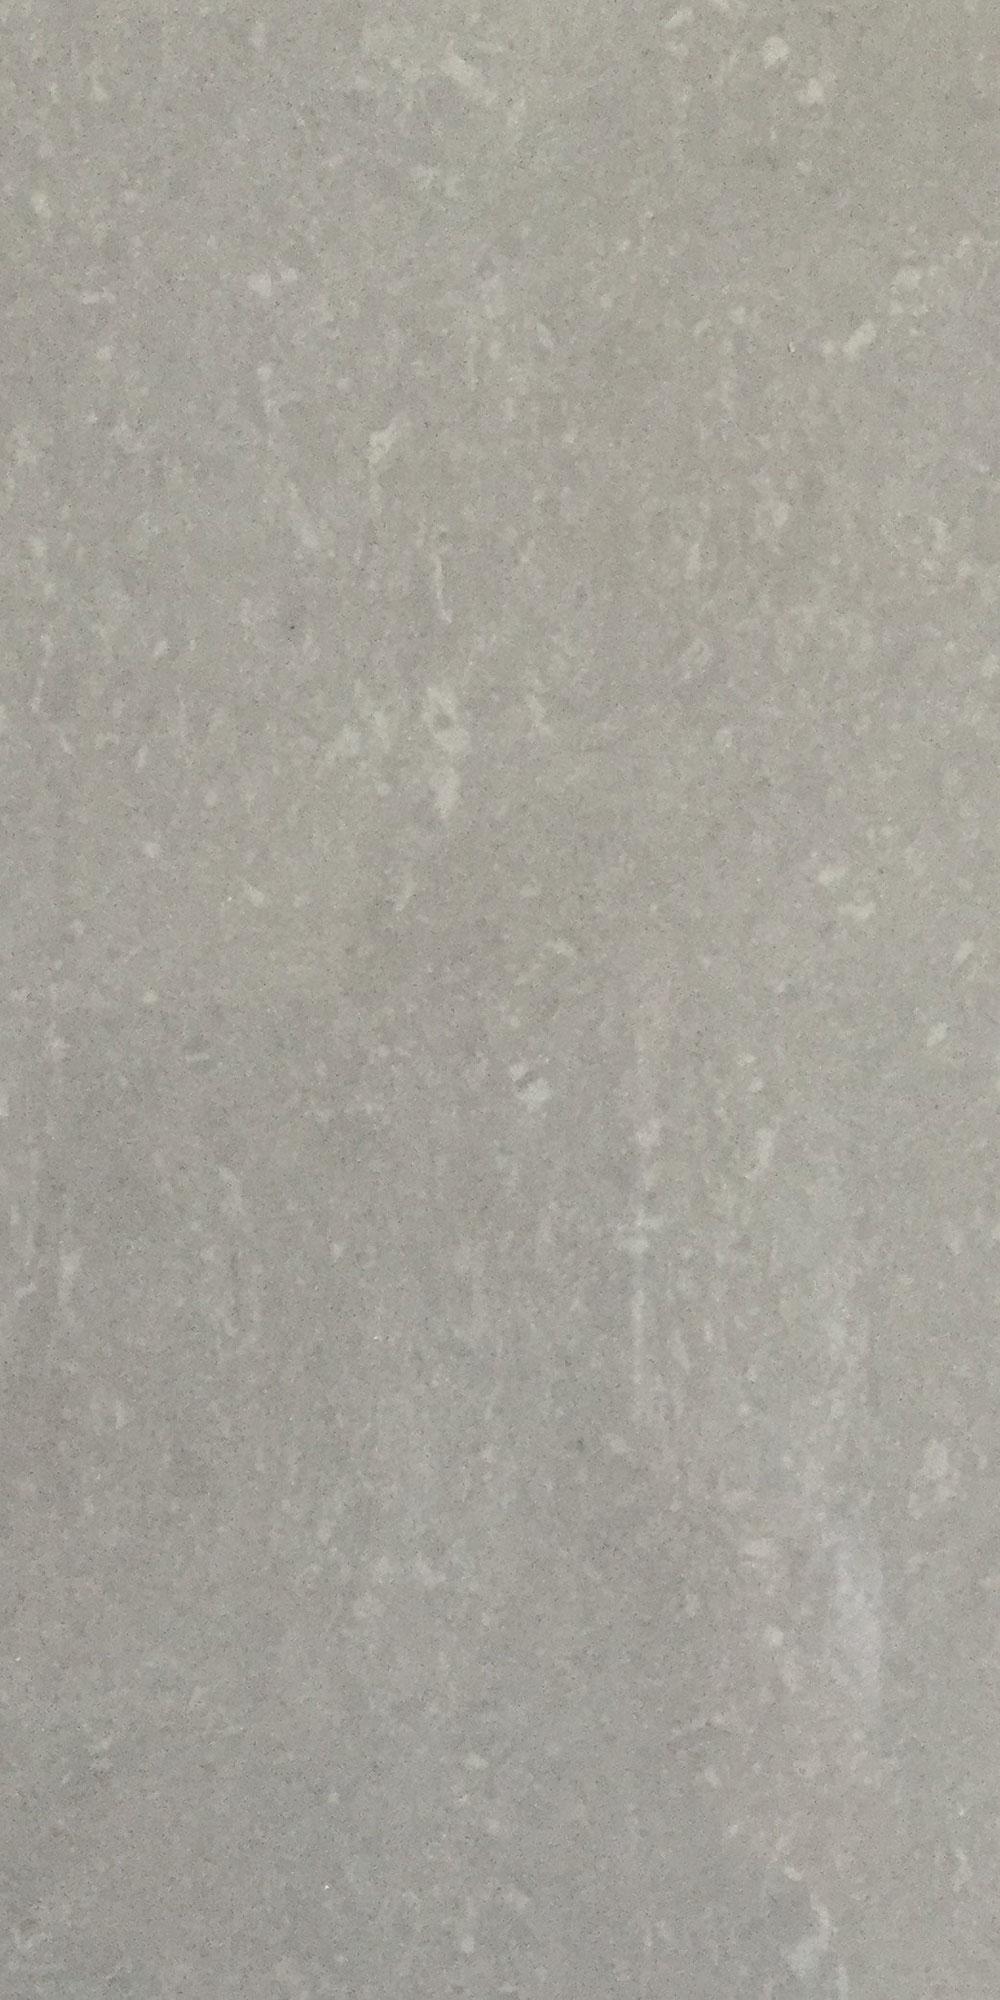 Polished Steel Grey Stone 60x30 Tiles